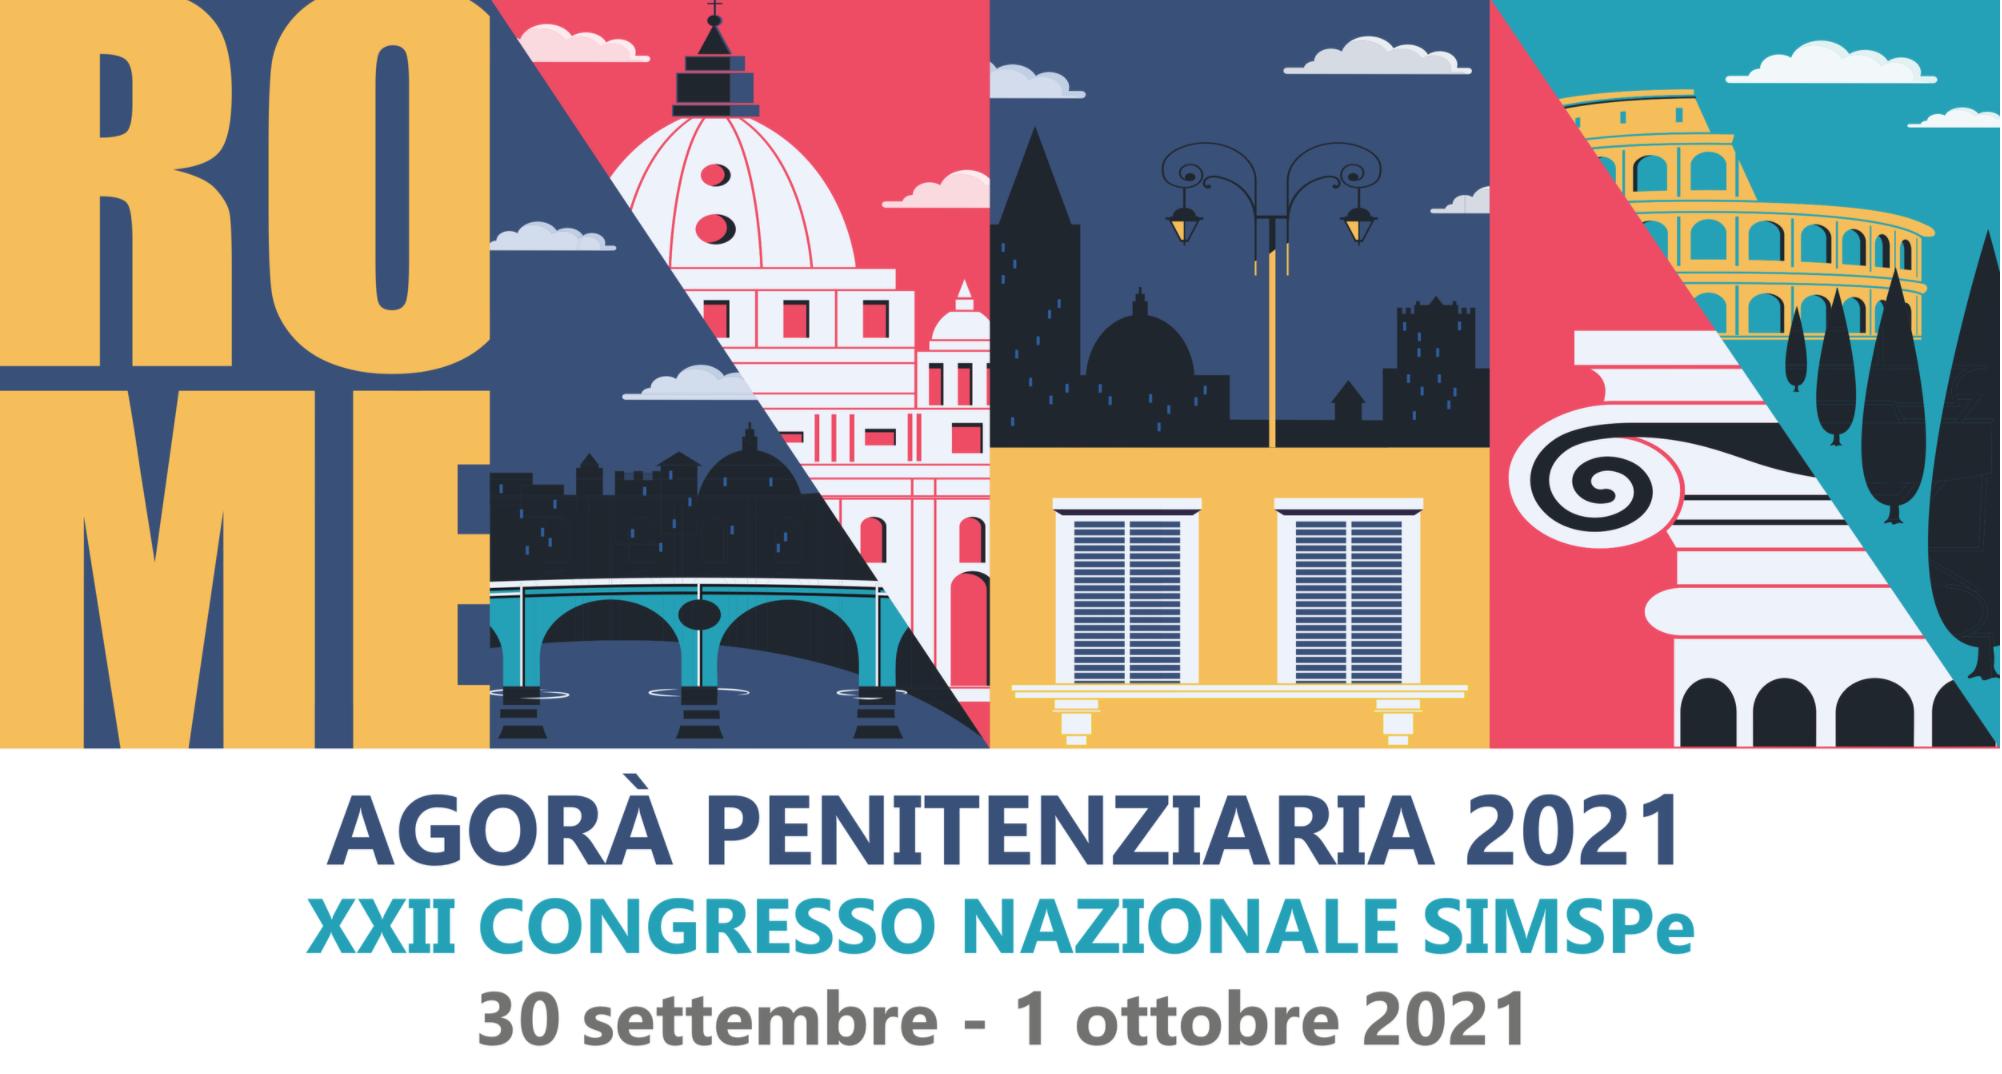 AGORÀ PENITENZIARIA 2021